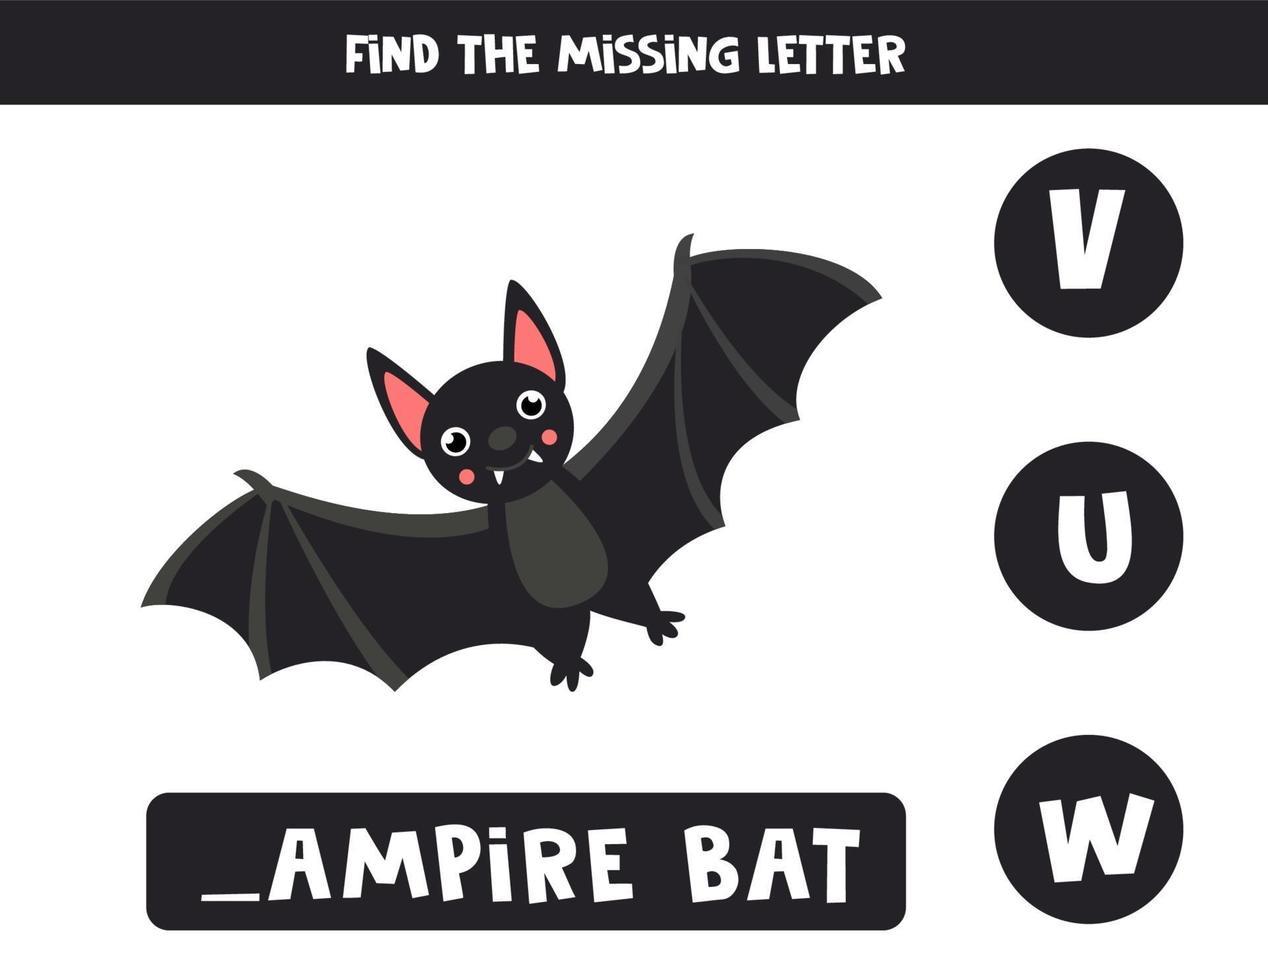 trova la lettera mancante con un pipistrello vampiro simpatico cartone animato. vettore